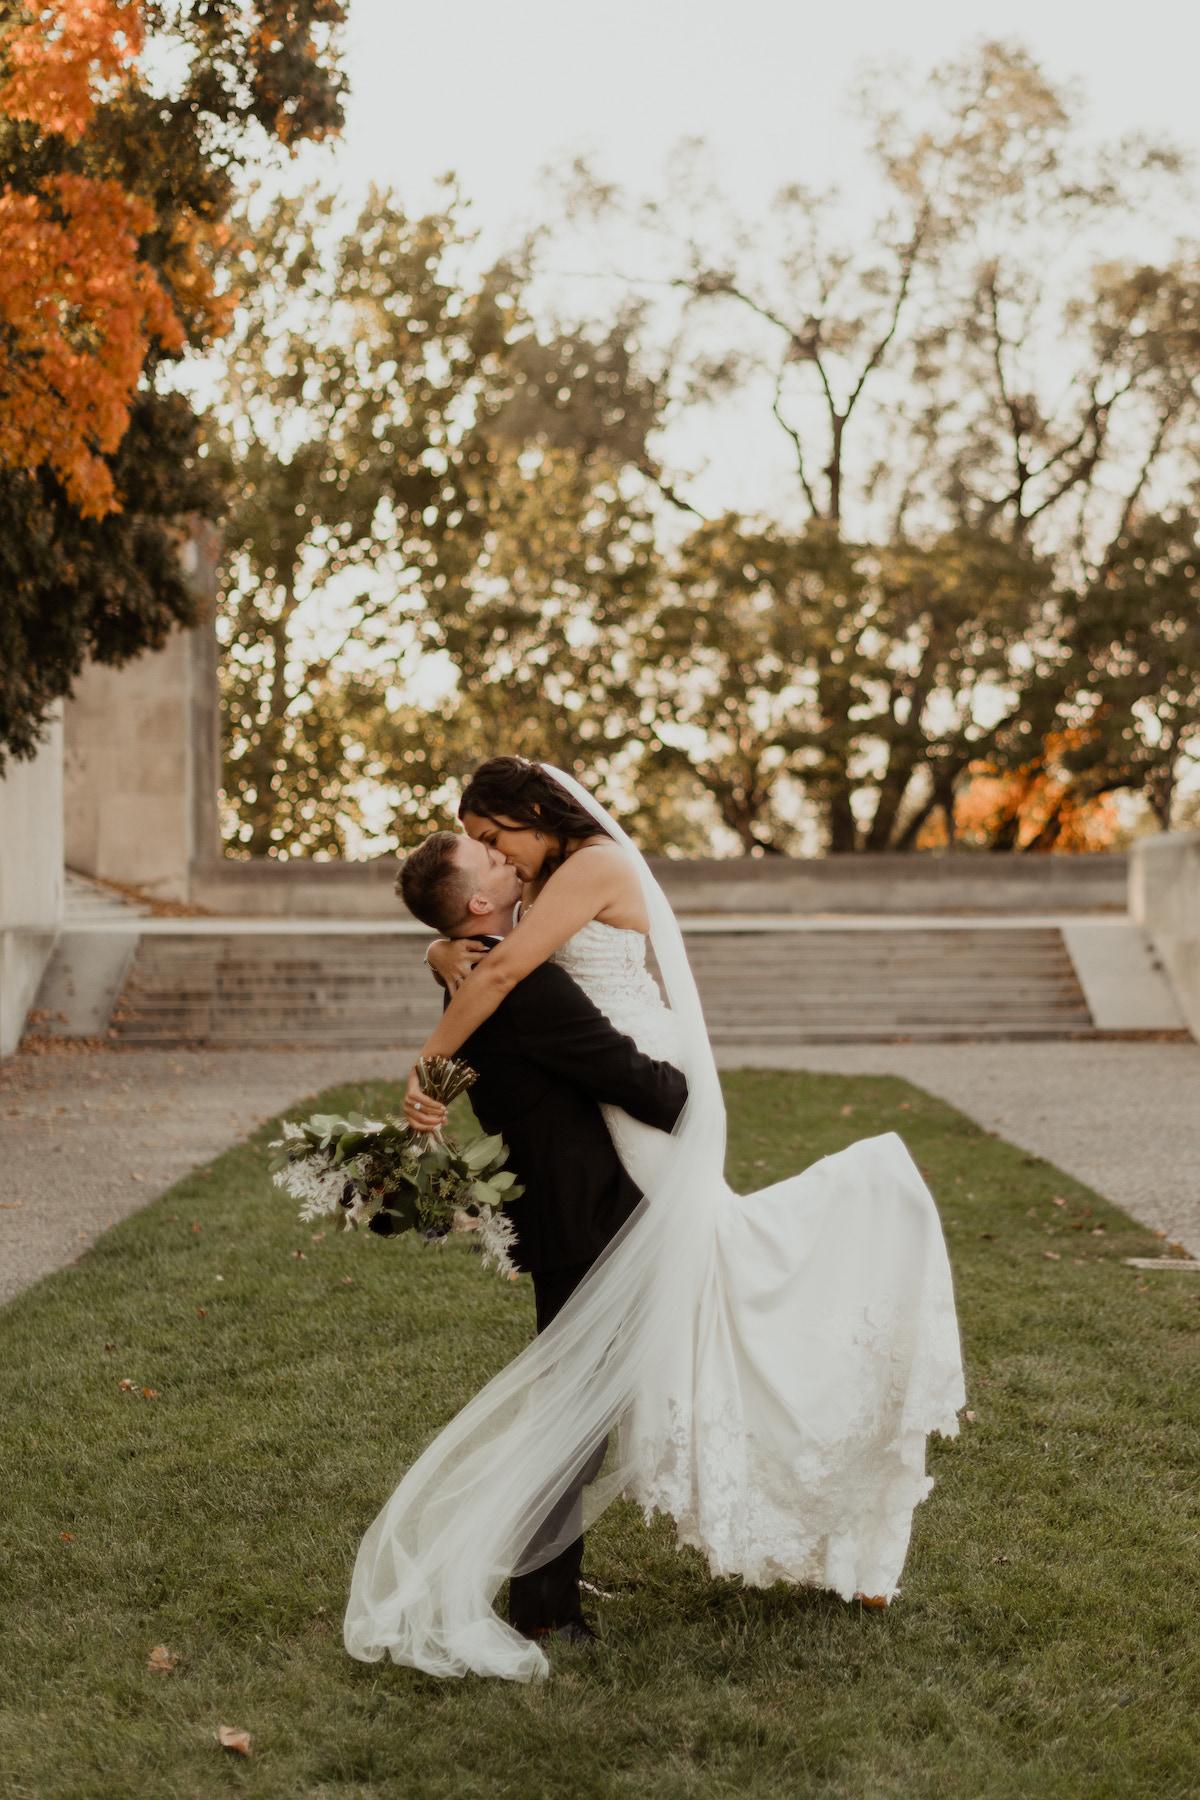 Lauren & Ryan's Ceremony